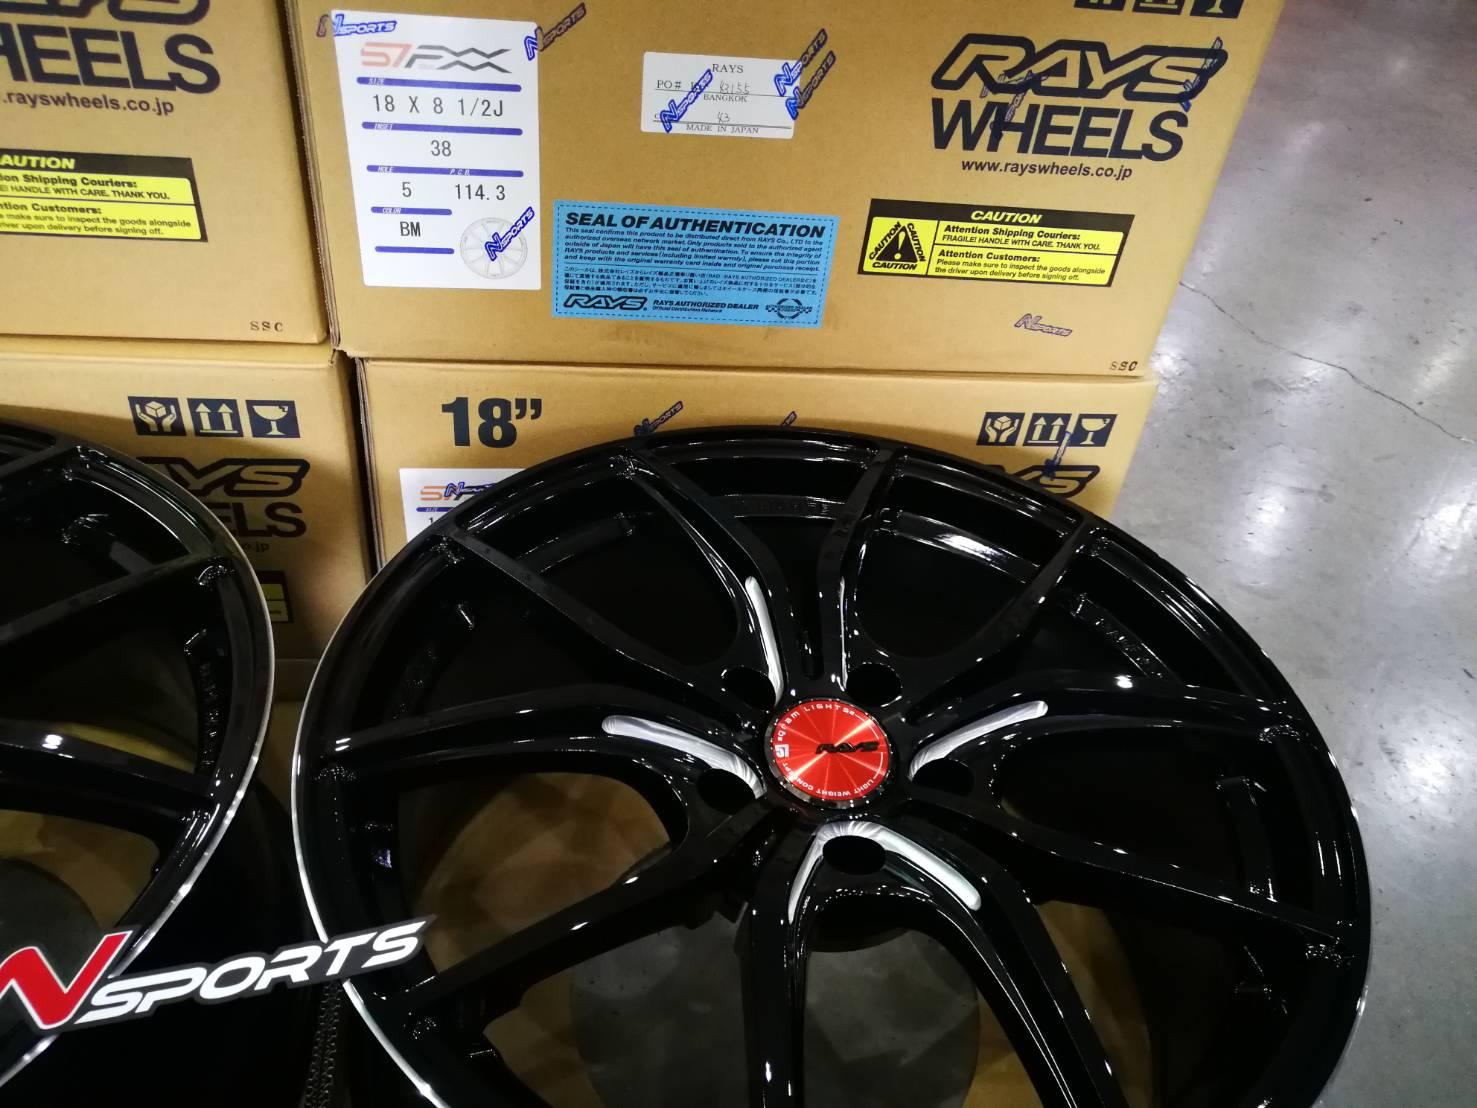 Rayswheel 57FXX 18x8.5+38, 5-114.3